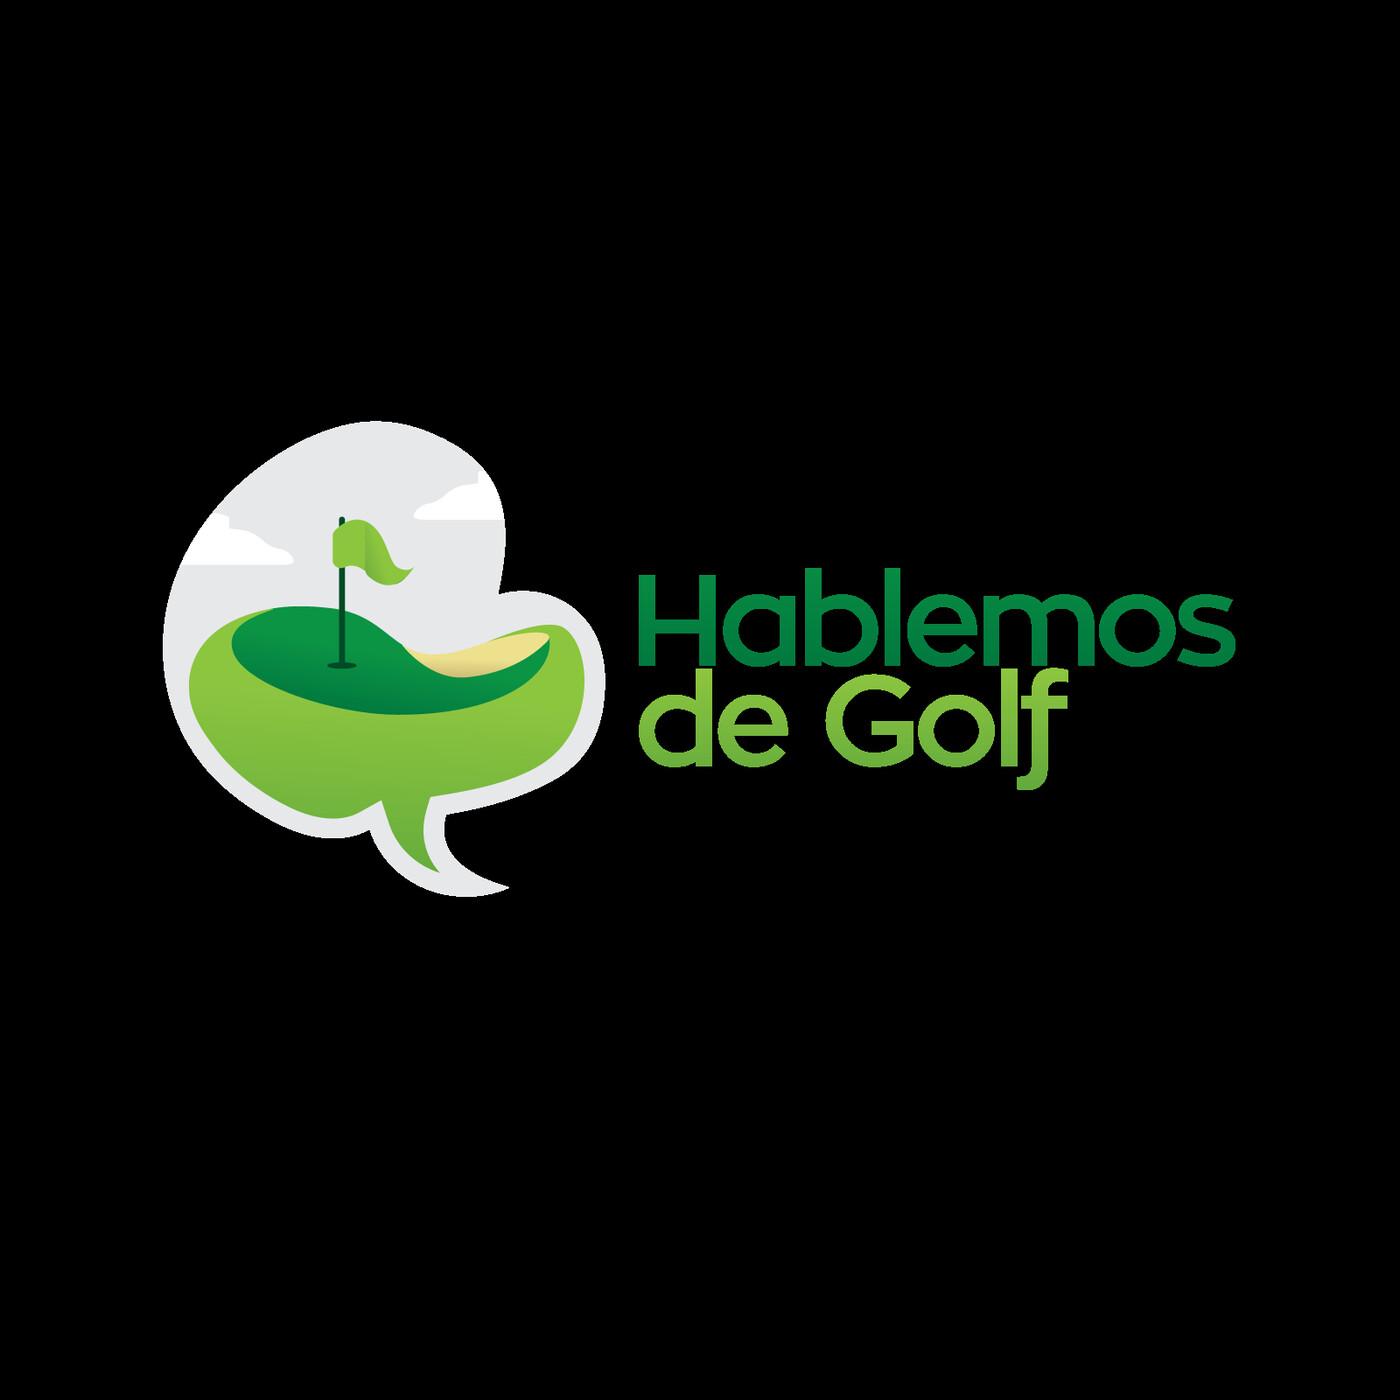 Jugando los mejores campos de golf del mundo - Guillem Mataró